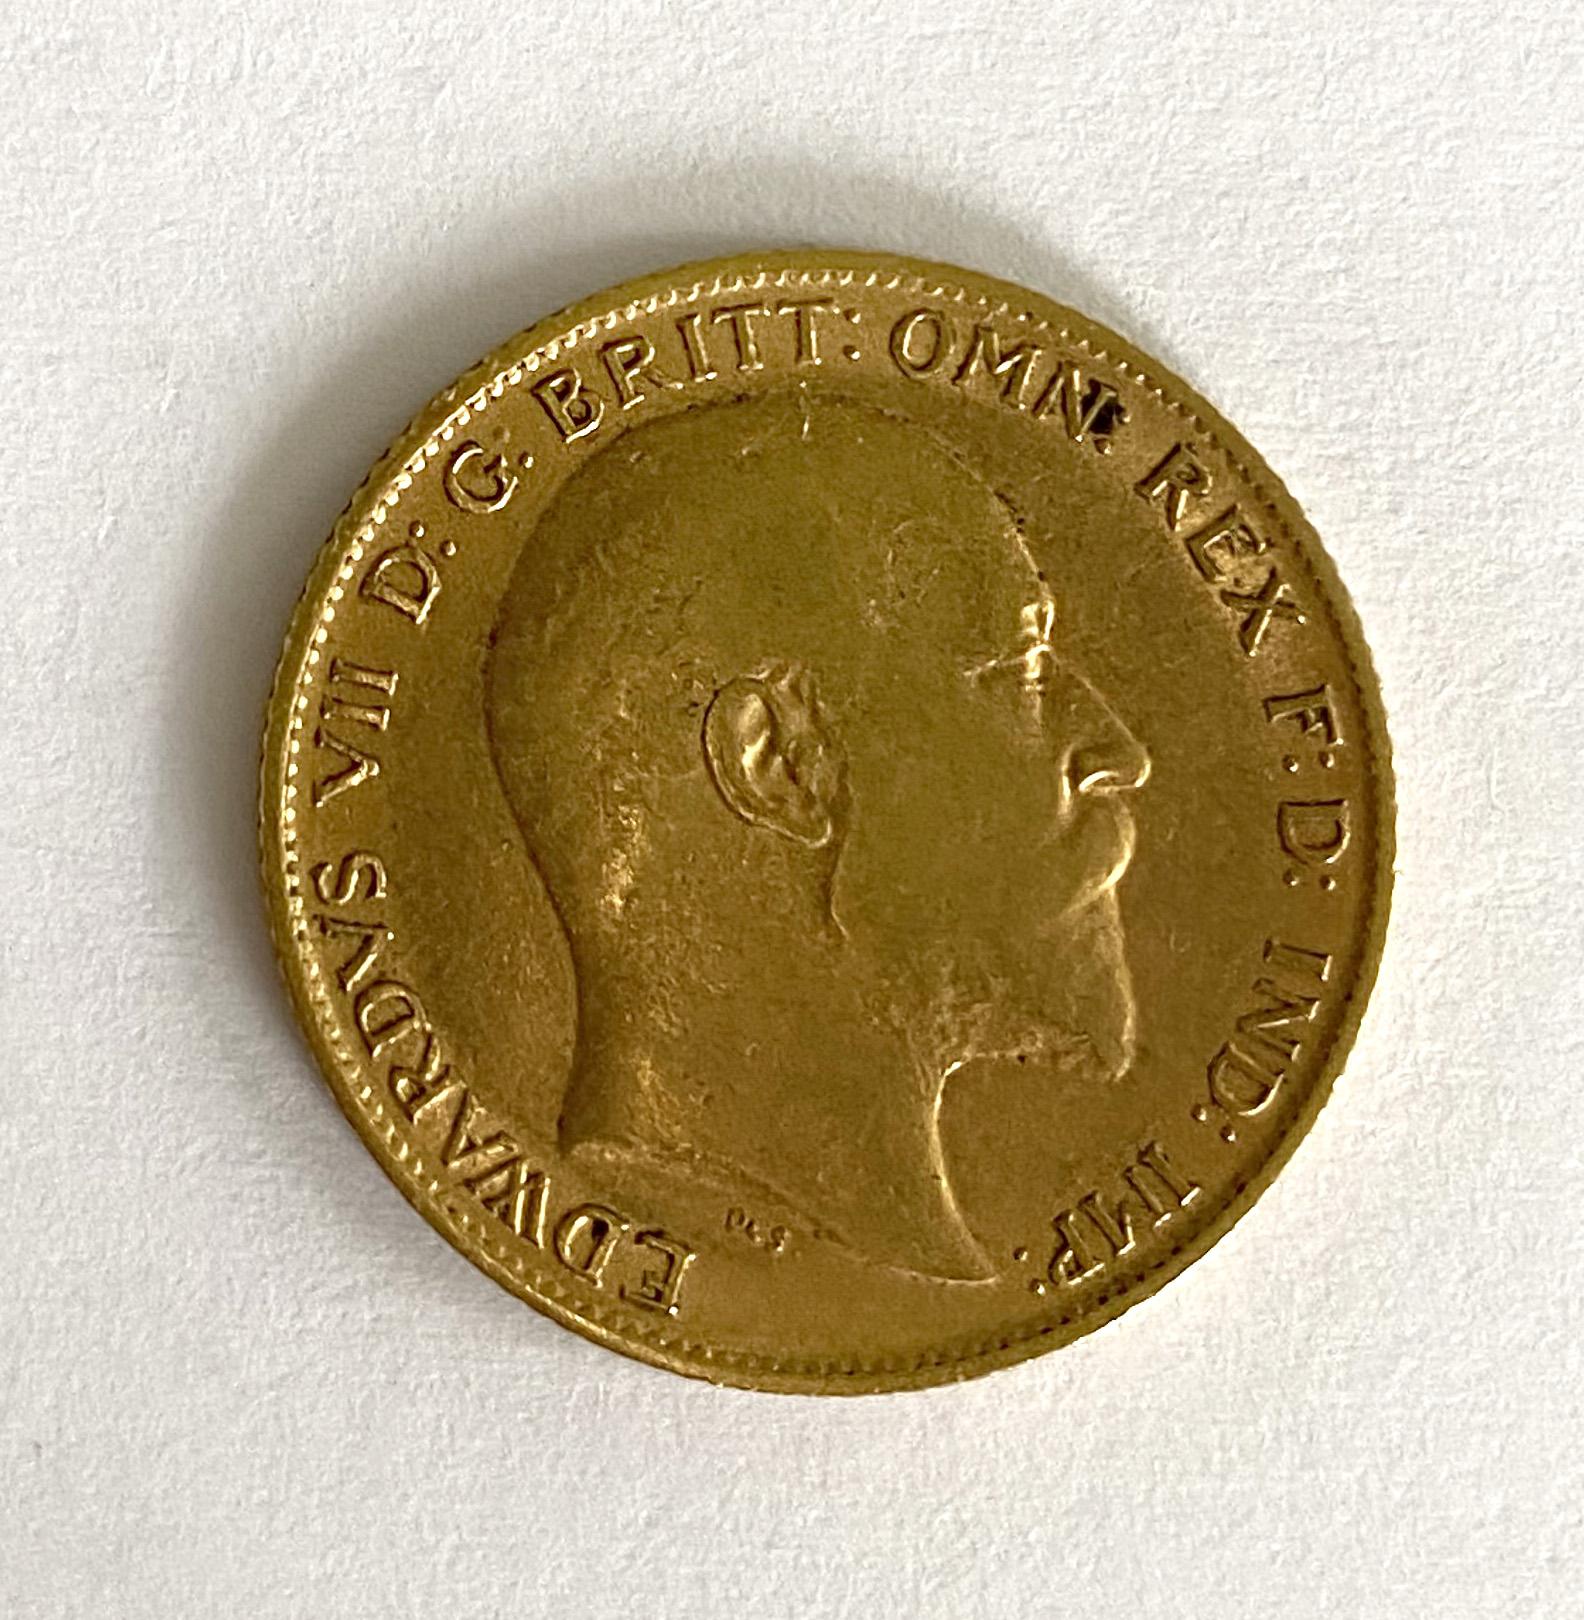 A 'Kings Head' half sovereign,